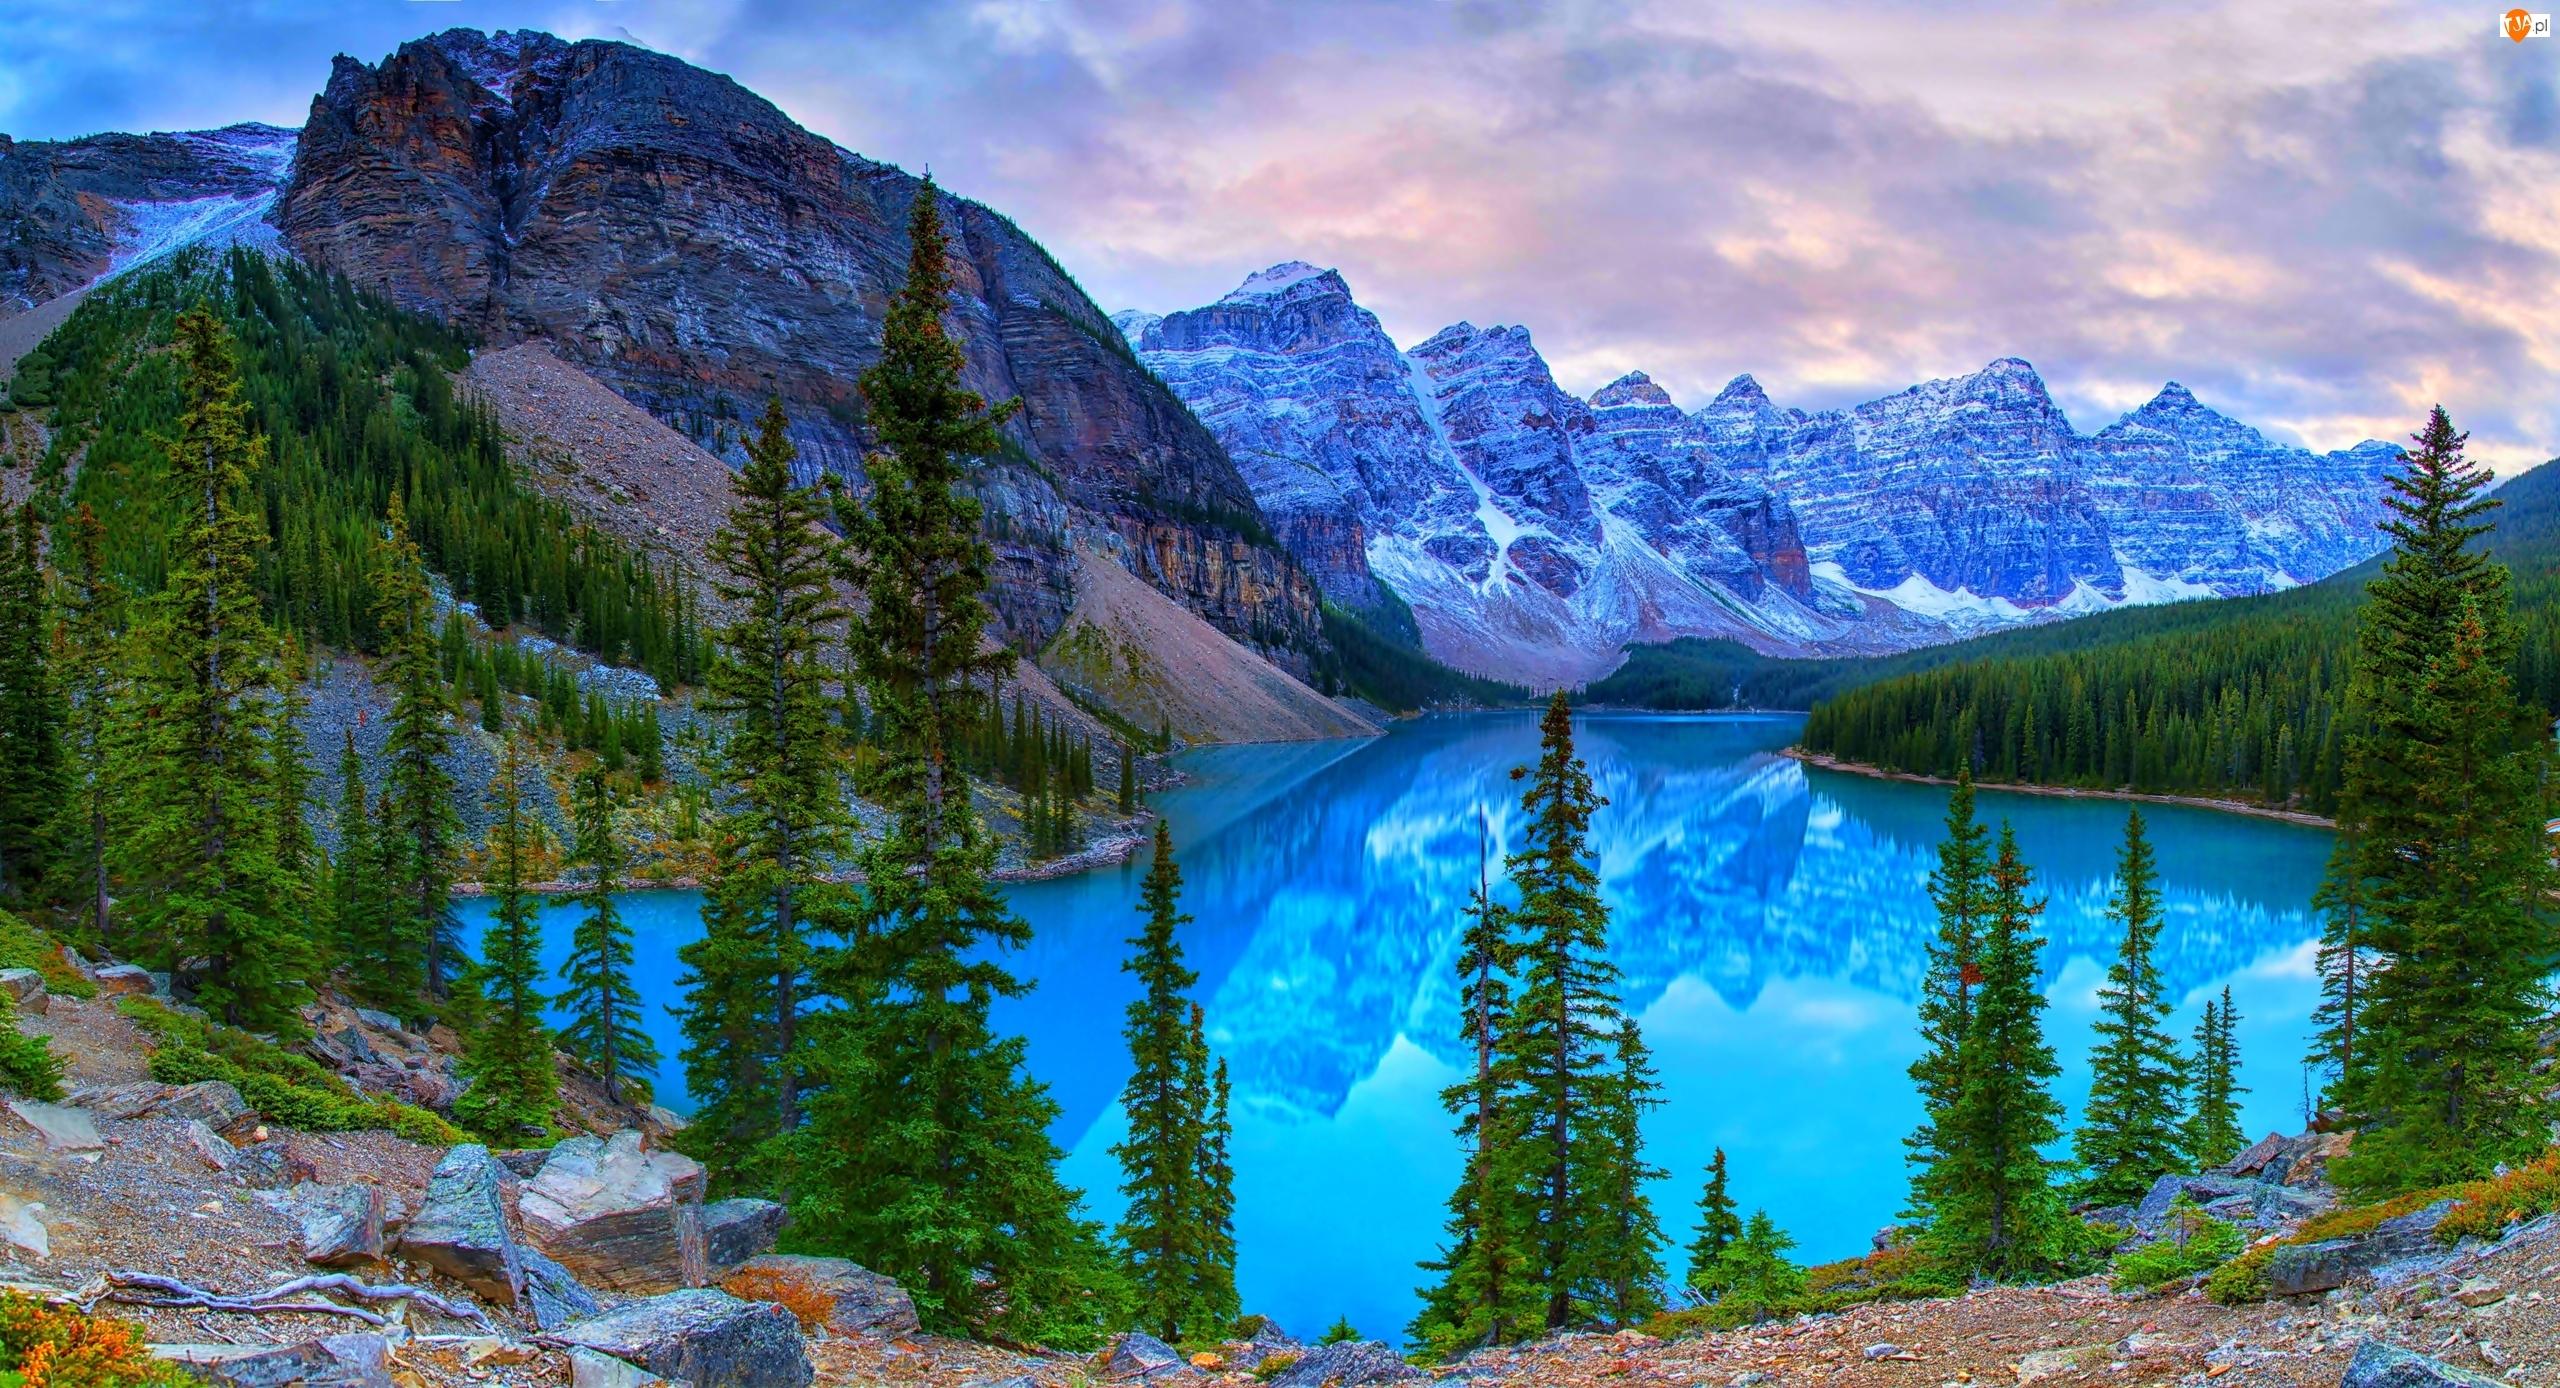 Park Narodowy Banff, Kanada, Jezioro Moraine Lake, Góry, Prowincja Alberta